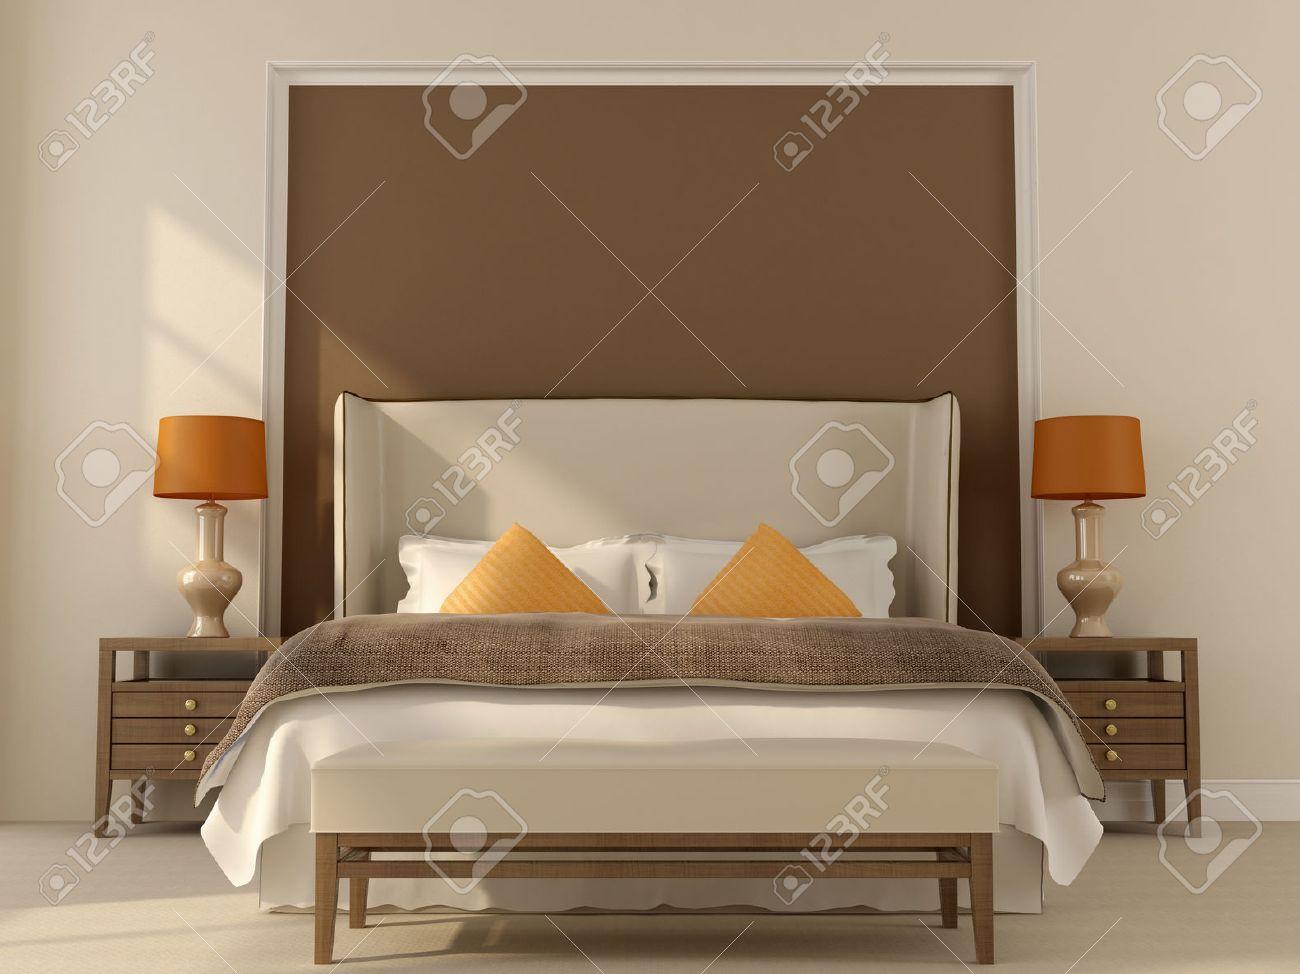 chambre dans des tons beige et marron avec decoration d orange